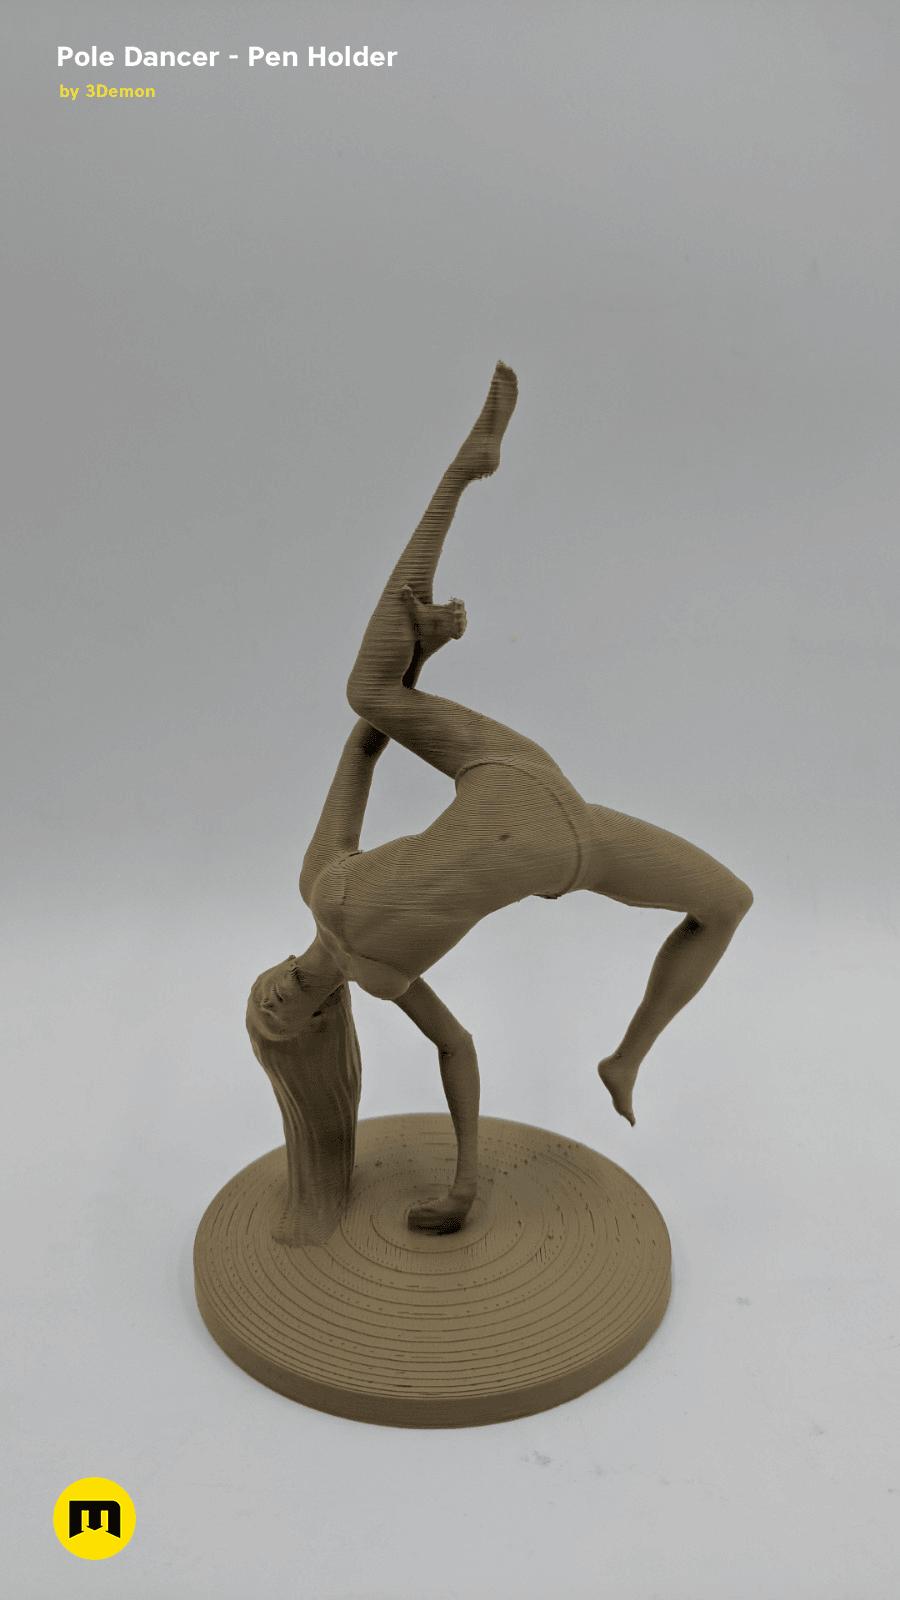 IMG_20190219_154835.png Download STL file Pole Dancer - Pen Holder • Object to 3D print, 3D-mon